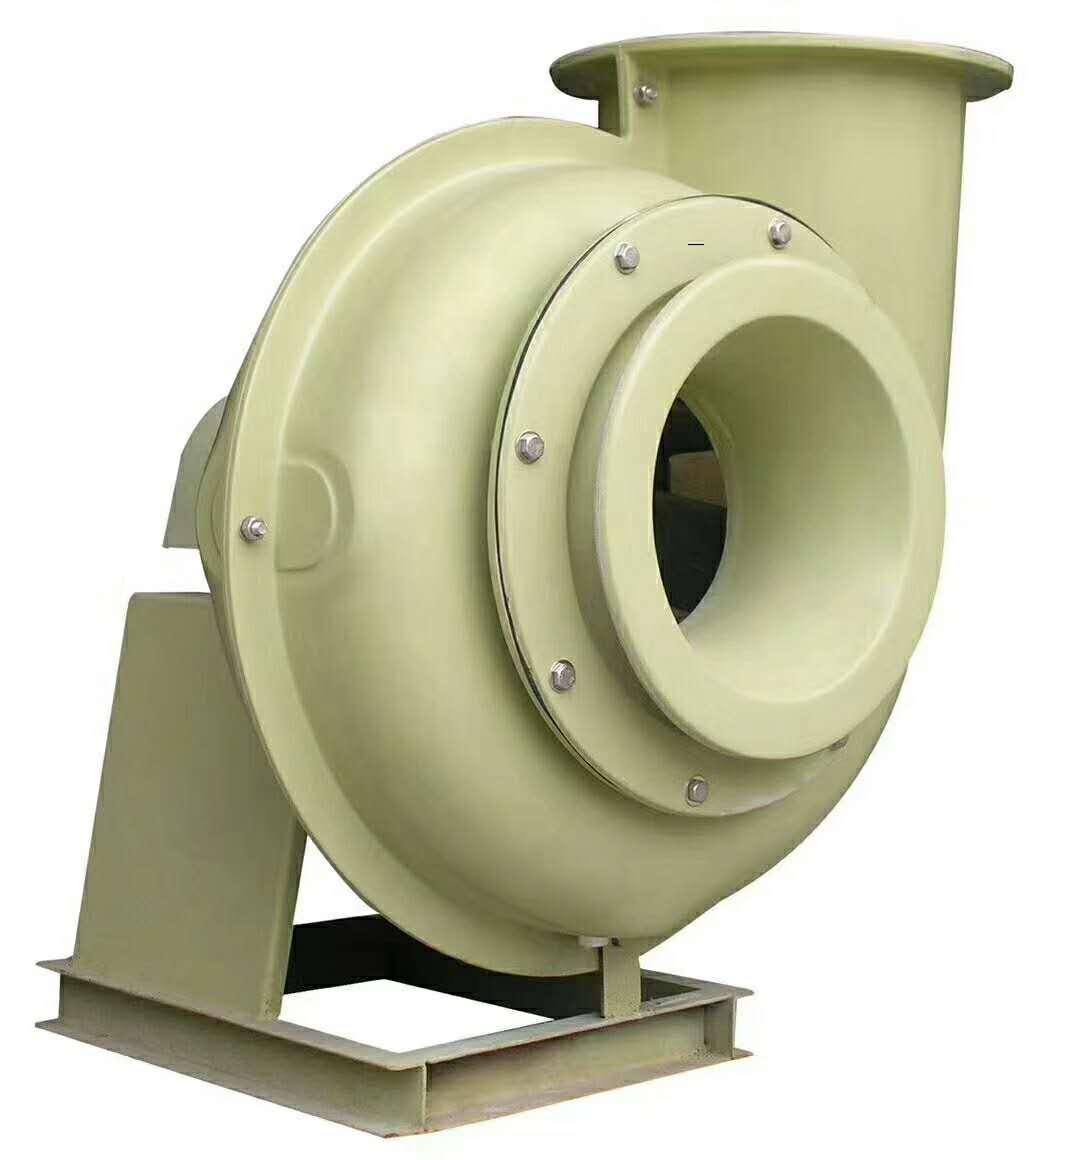 專業生產玻璃鋼離心風機GF4-72A式圓口